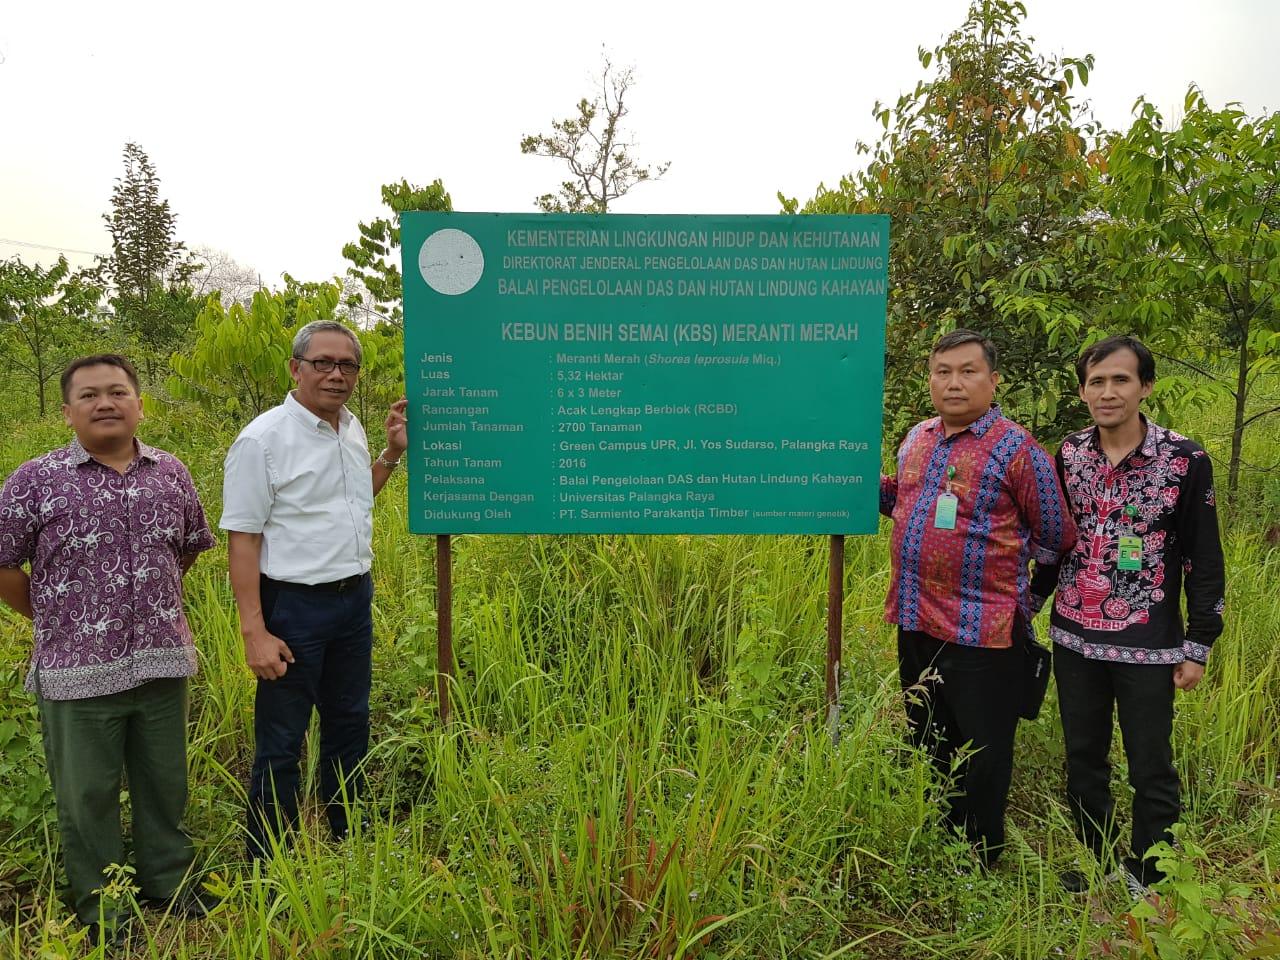 Komisi IV DPR RI Dorong KLHK untuk Lebih Memperkuat Relawan Cegah Api di Kalimantan Tengah